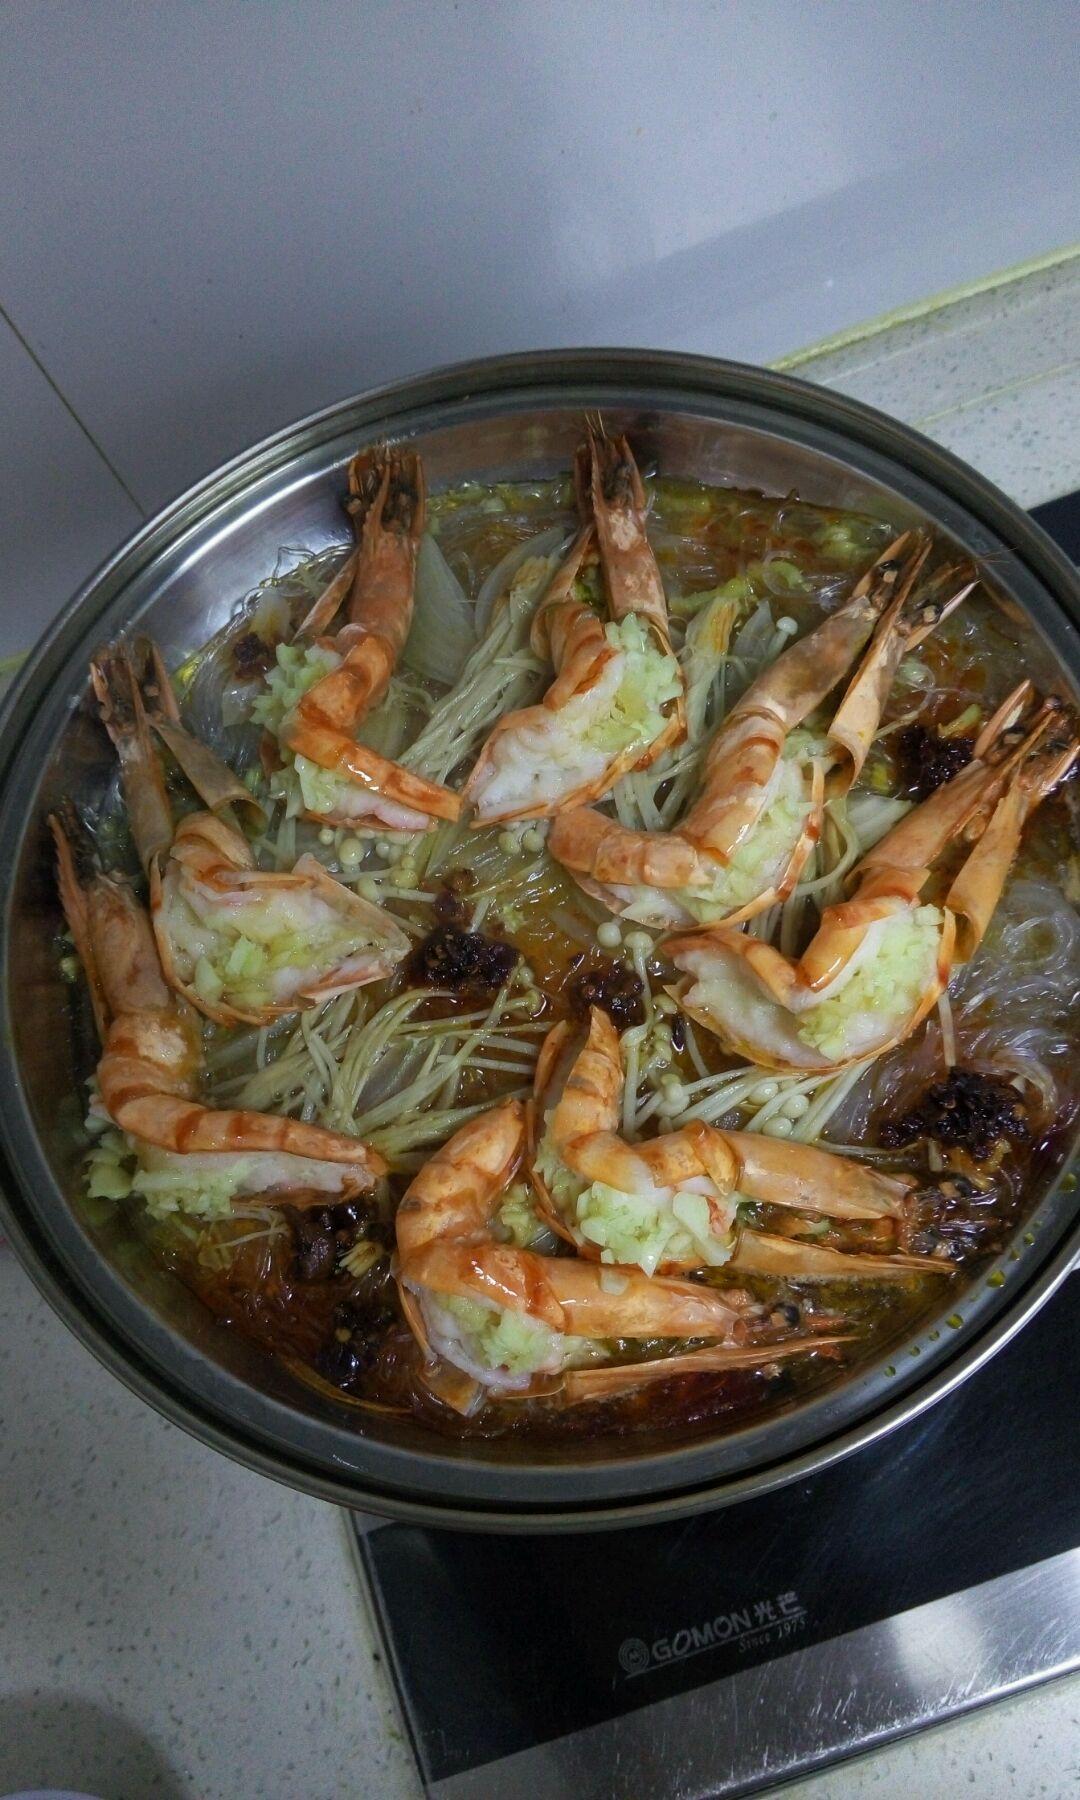 蒜8瓣 干松茸2个 蒜蓉粉丝蒸大虾的做法步骤 2,粉丝泡发,金针菇洗净图片